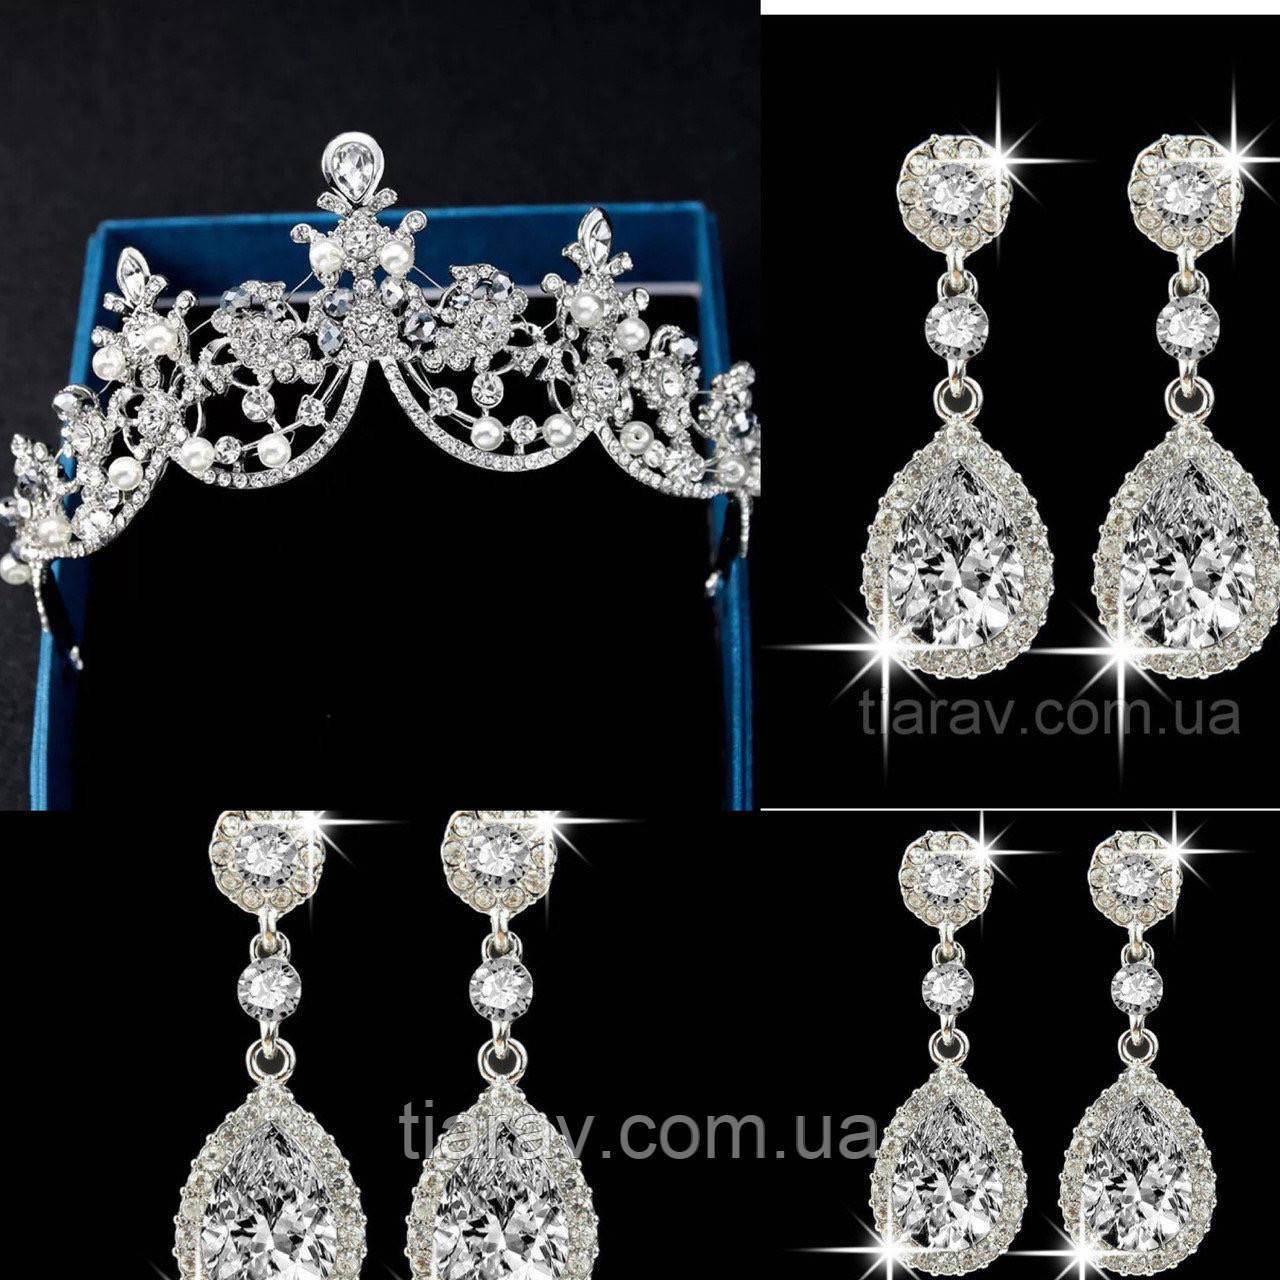 Свадебная диадема и серьги, набор бижутерии тиара